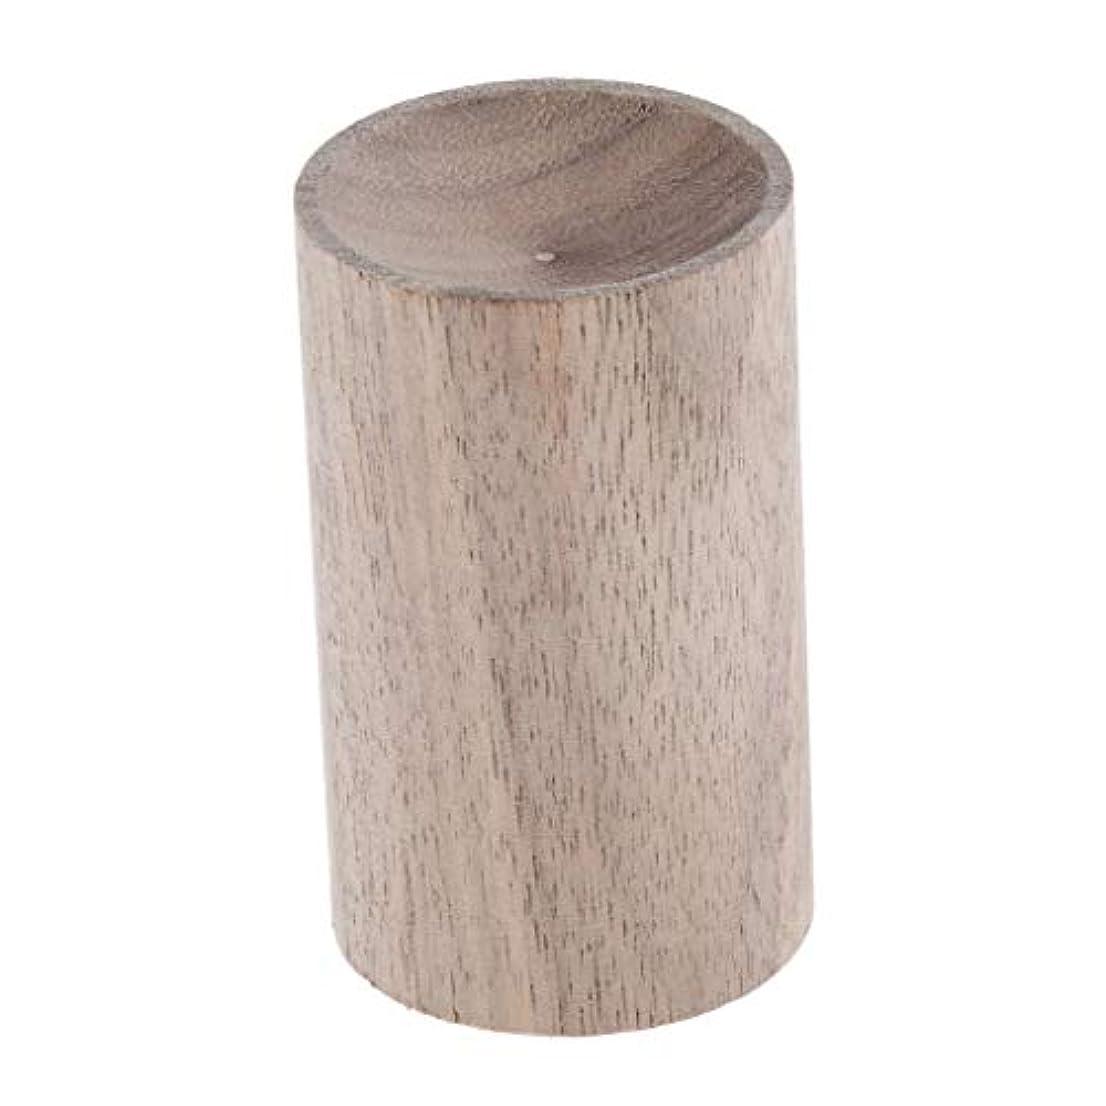 微生物深くロータリーハ ンドメイド エアフレッシュナー 天然木 エッセンシャルオイル アロマディフューザー 全2種類 - 02